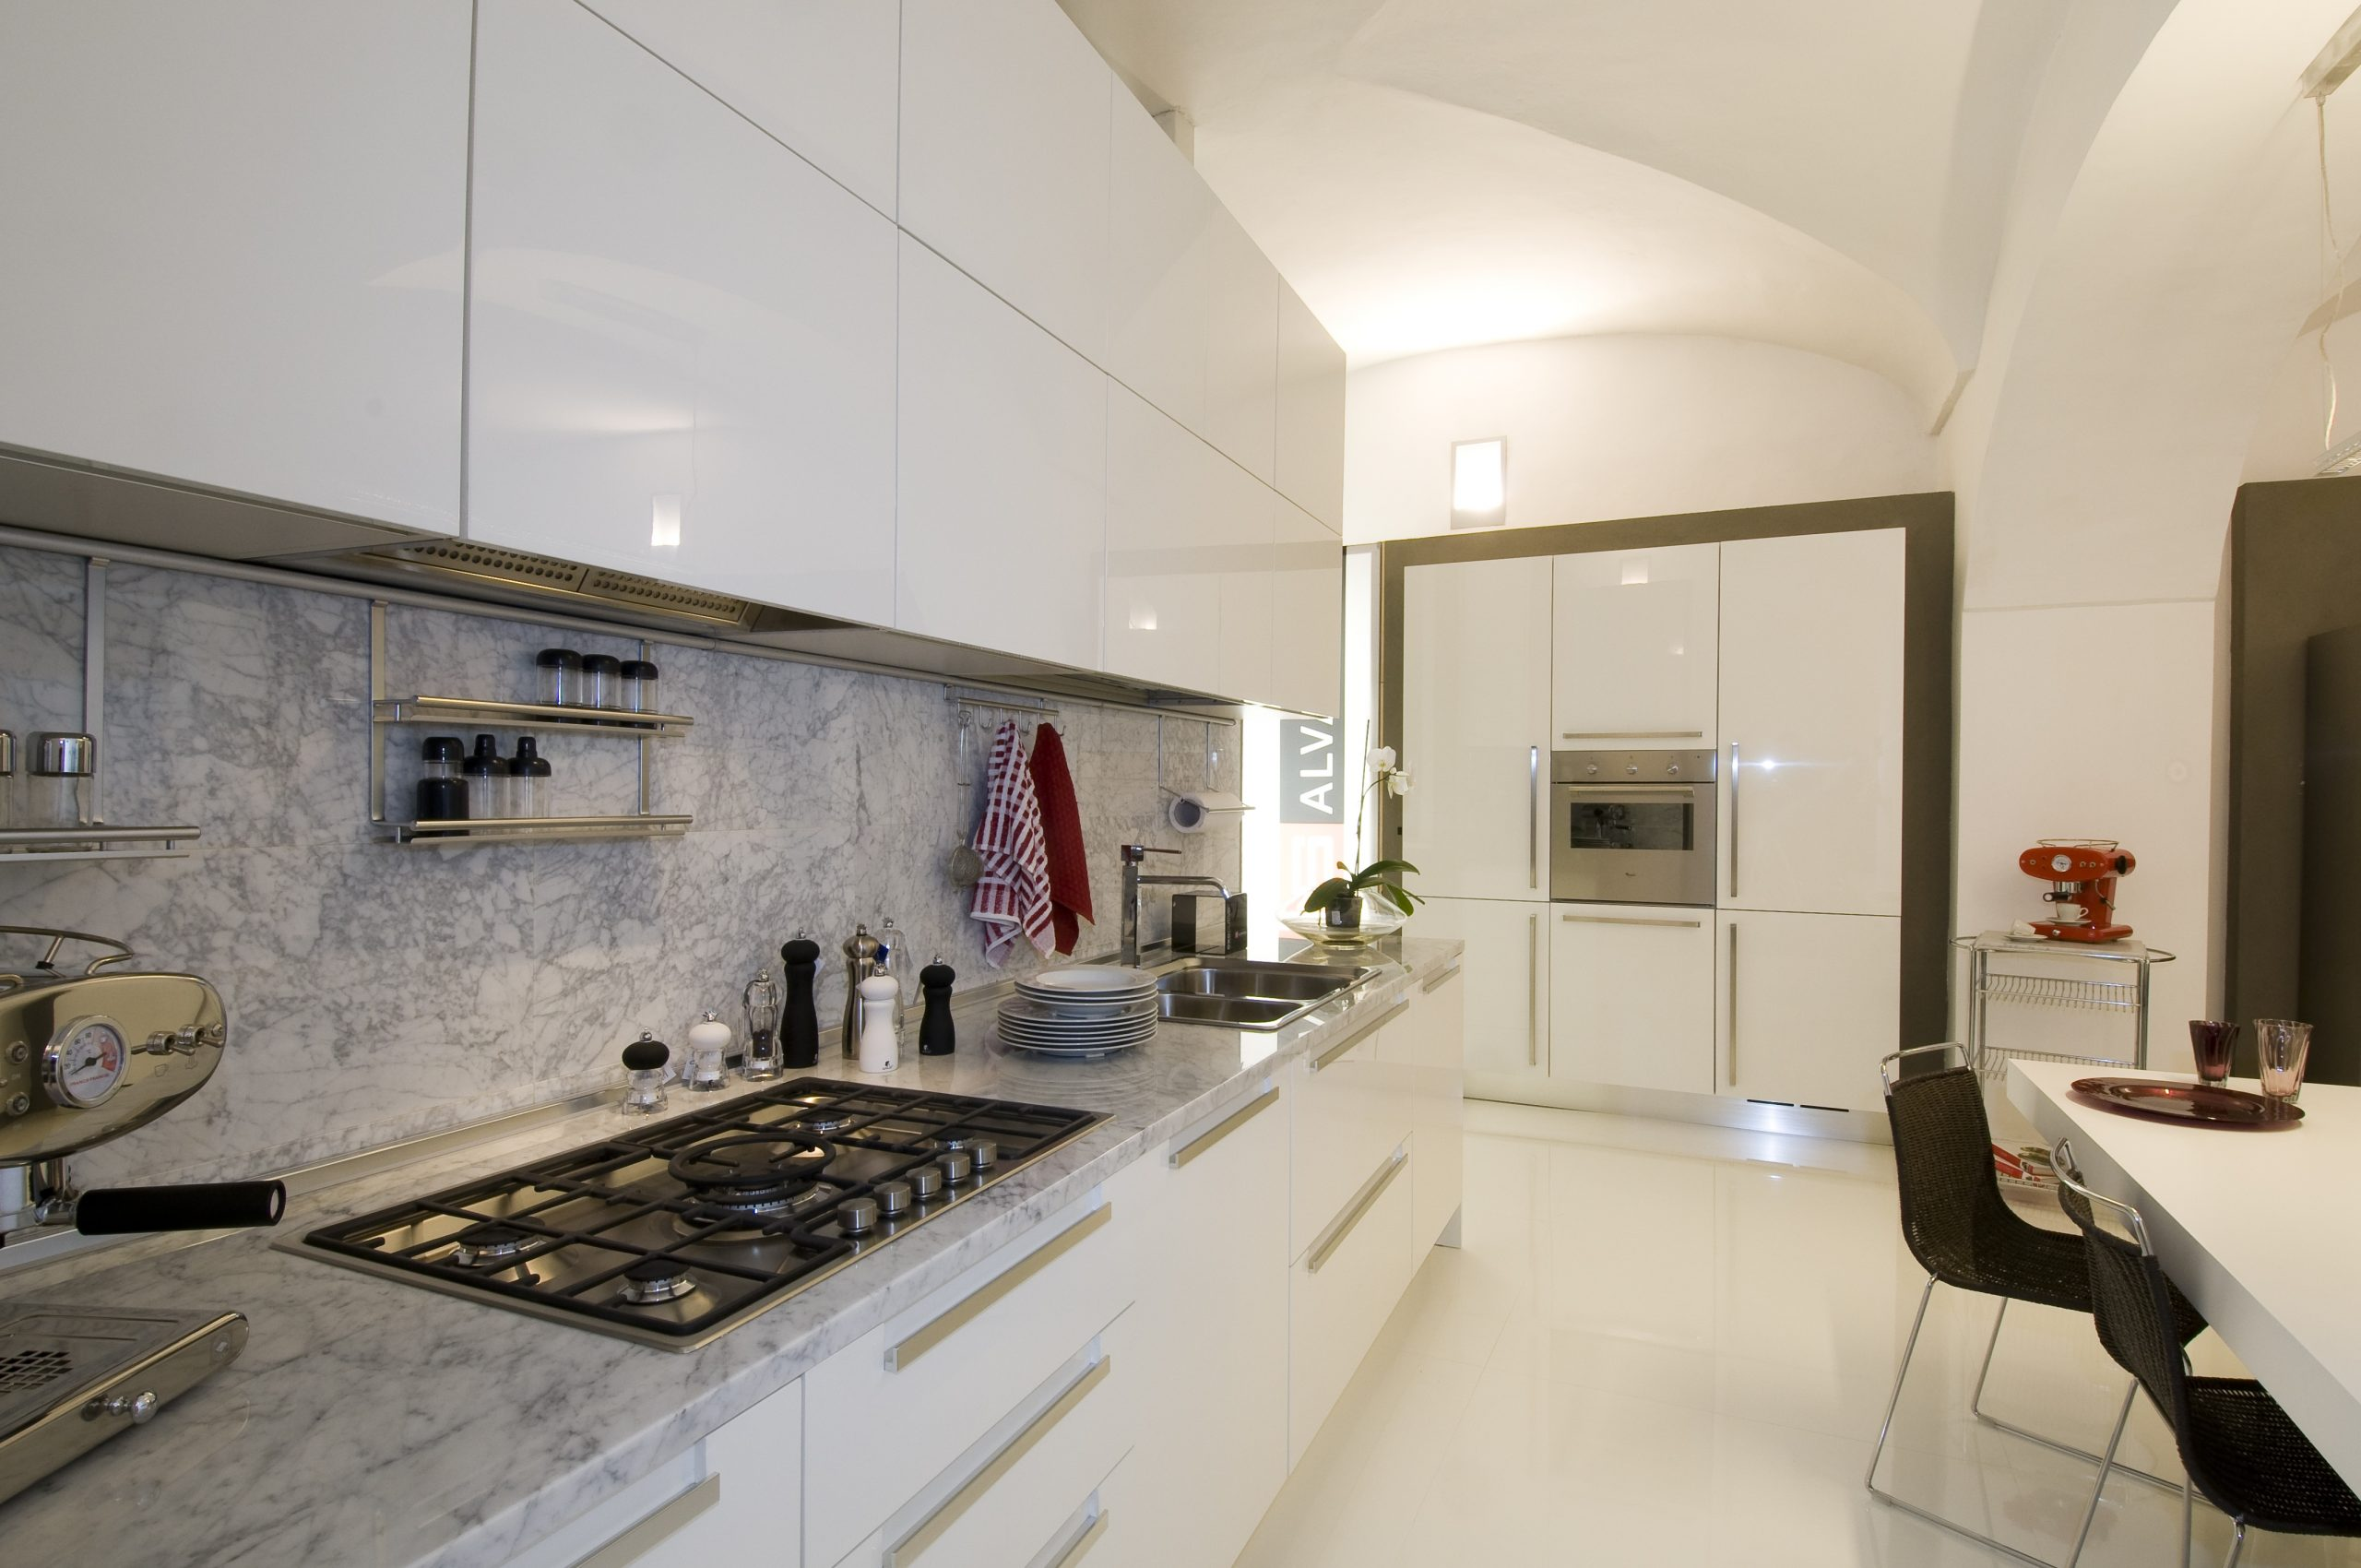 Tra le tipologie di Cucine quella in laccato lucido bianco è sempre molto attuale